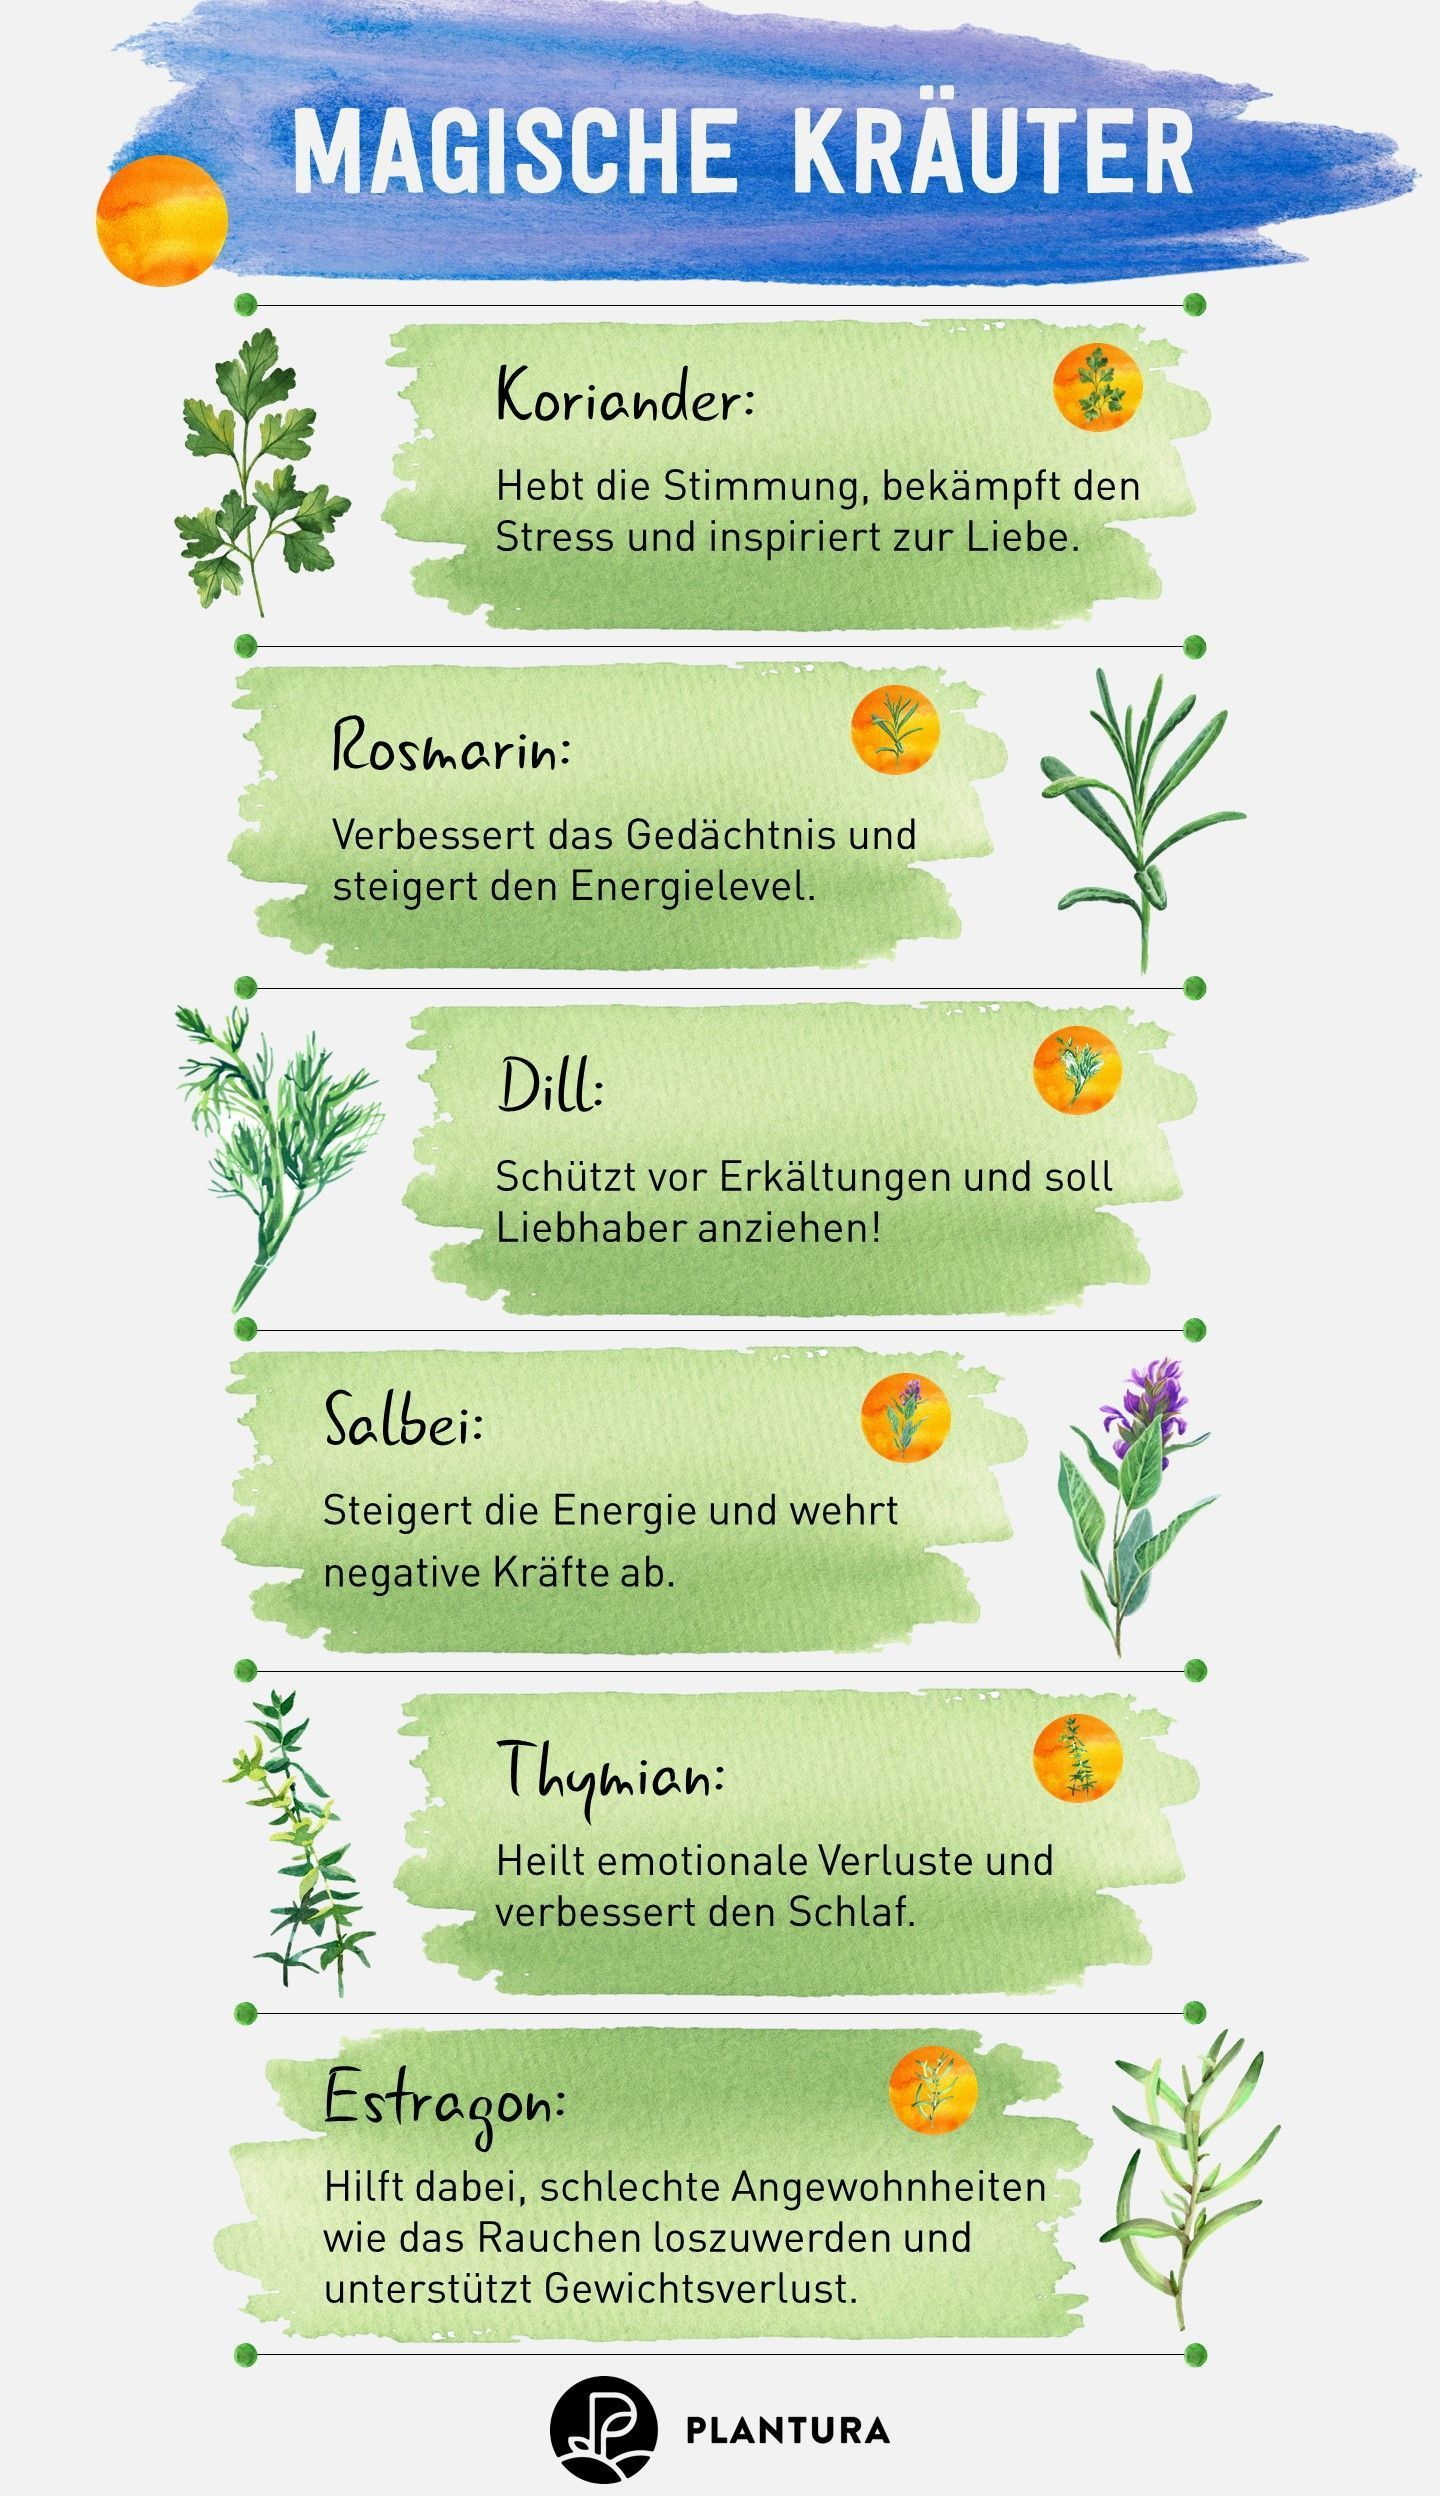 Magische Kräuter: Kräuter gehören zu den ältesten natürlichen Heilmitteln u... - #ältesten #den #gehören #Heilmitteln #Kräuter #Kräutergartengeschenk #Kräutergartenküche #Magische #natürlichen #zu #obstgemüse